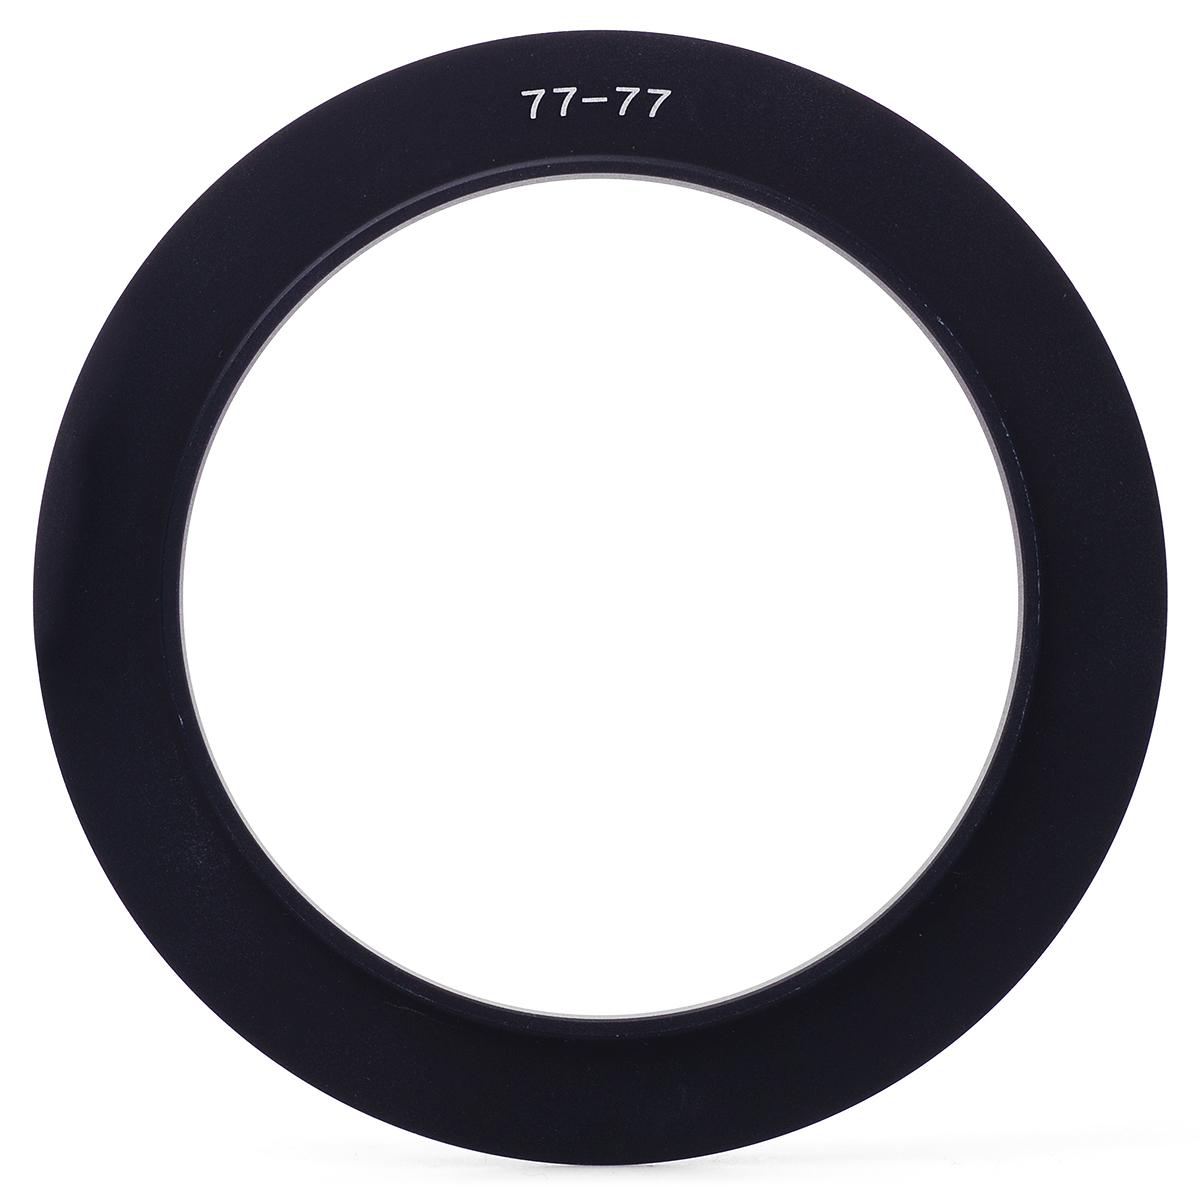 Impor Nisi Square Pro Lembut 30000 Gnd8 100 X 150 Mm Gradial Source Harga Andoer 77. Source · XCSource pemegang penyaringan + 77-77 cincin untuk Lee Tiffen ...